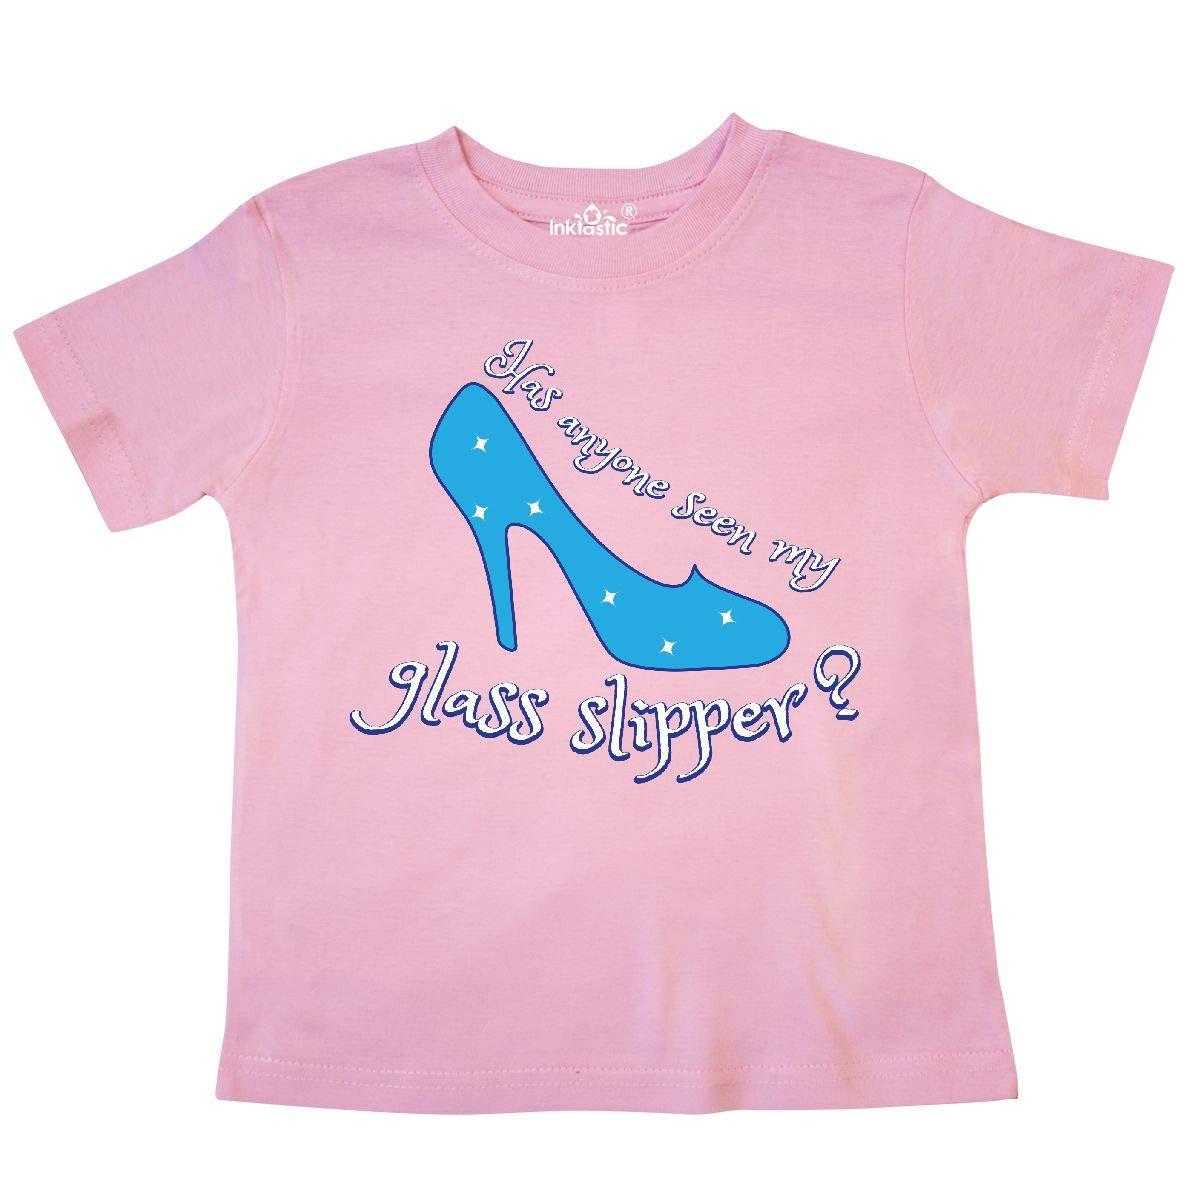 inktastic Glass Slipper Toddler T-Shirt